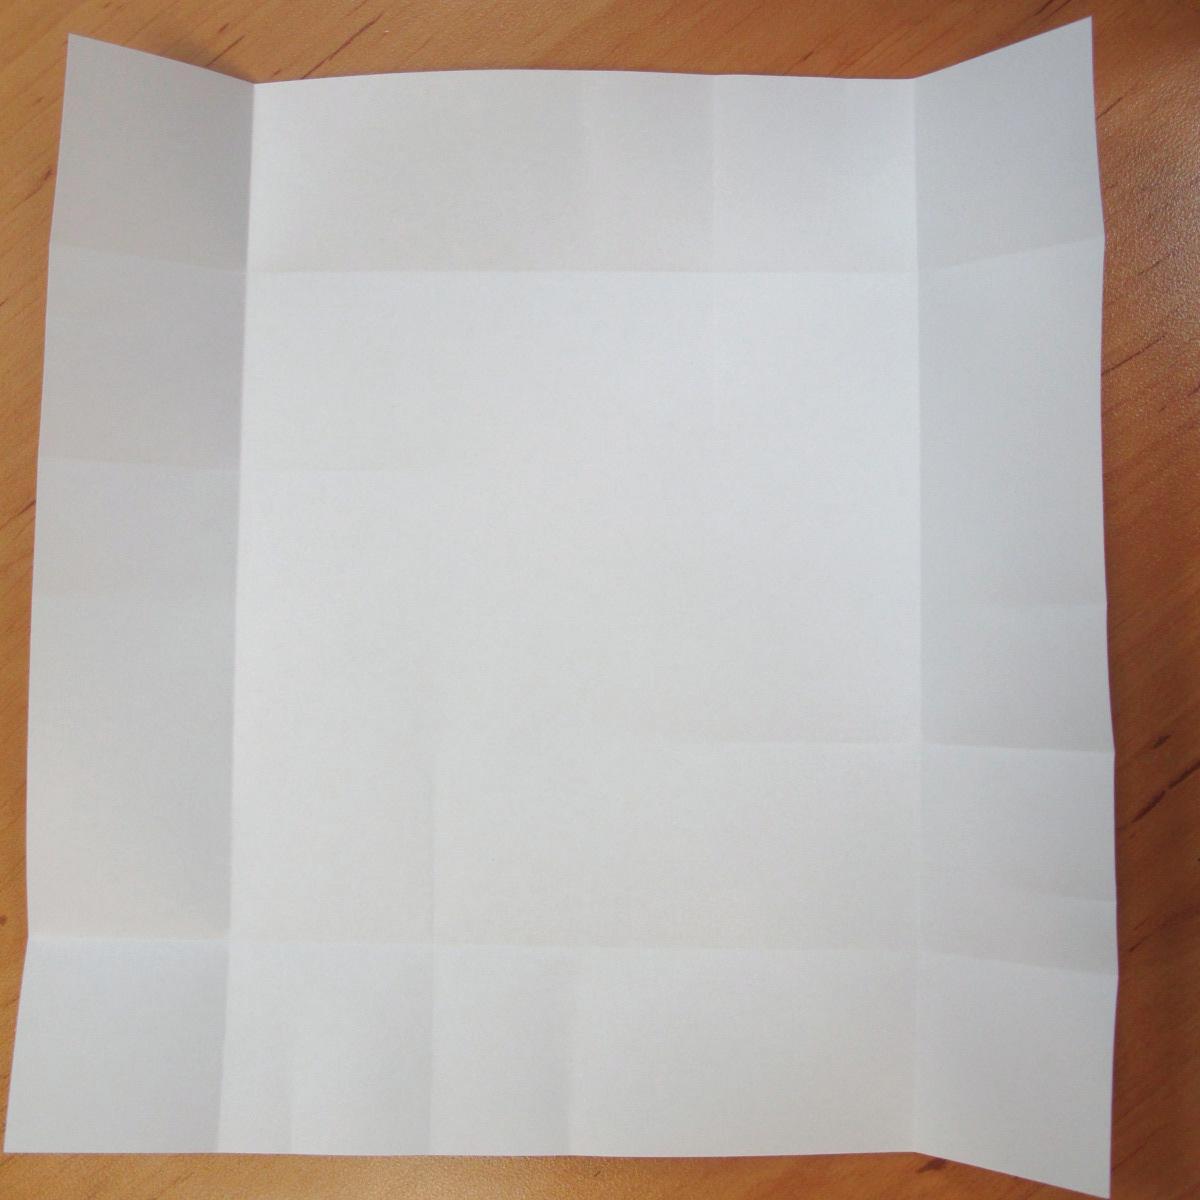 สอนการพับกระดาษเป็นที่ใส่ของรูปกลีบกุหลาบ (Rose box origami) 019